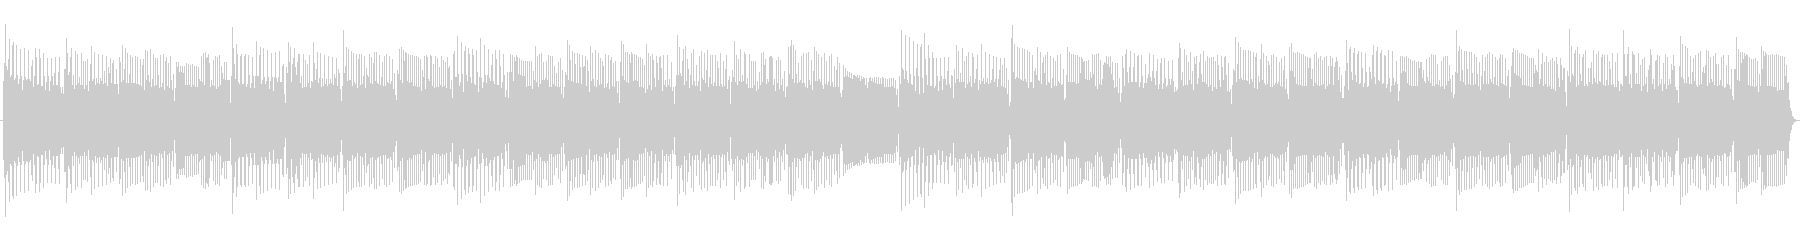 ビデオゲームミュージック:大型およ...の未再生の波形